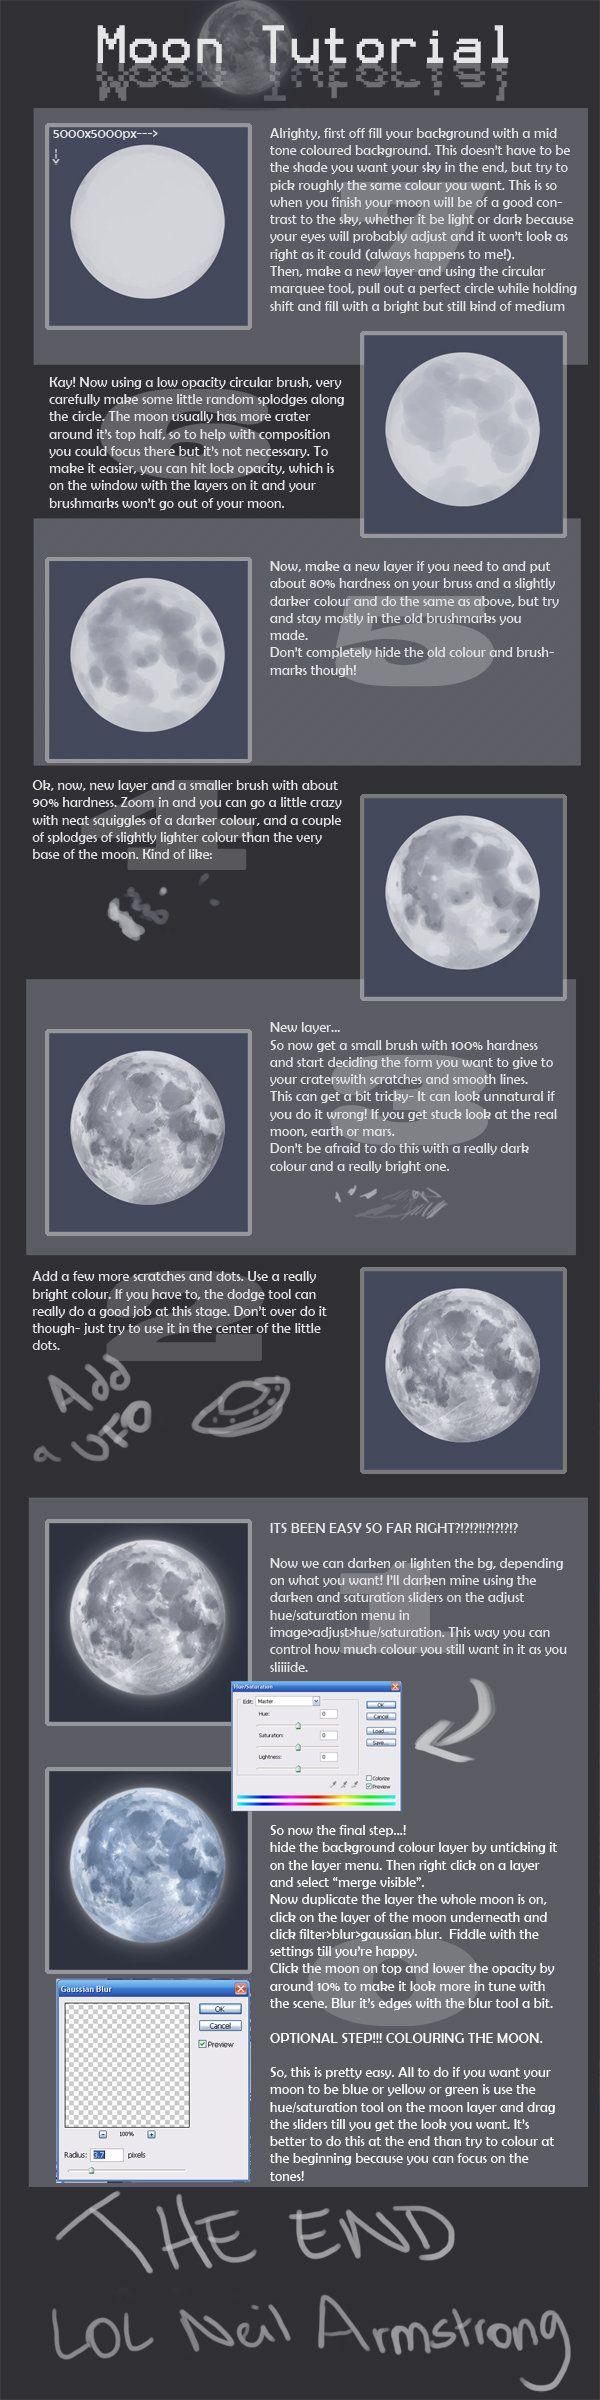 +Moon Tutorial+ by Spell.deviantart.com on @DeviantArt